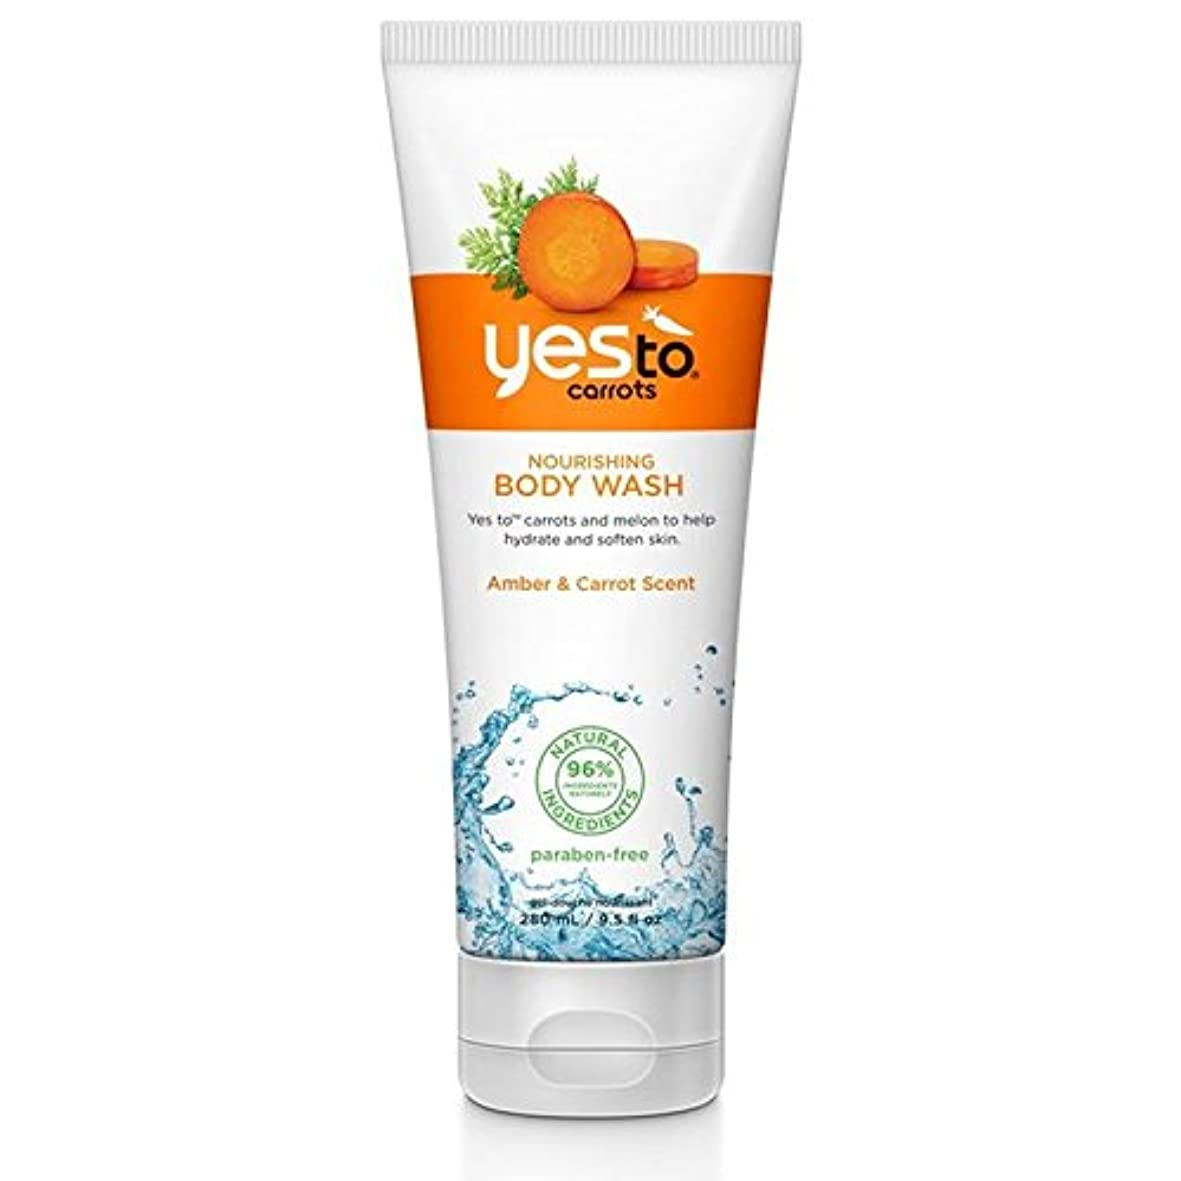 あえてサンプル空のはいボディウォッシュ280ミリリットル栄養ニンジンへ x4 - Yes To Carrots Nourishing Body Wash 280ml (Pack of 4) [並行輸入品]